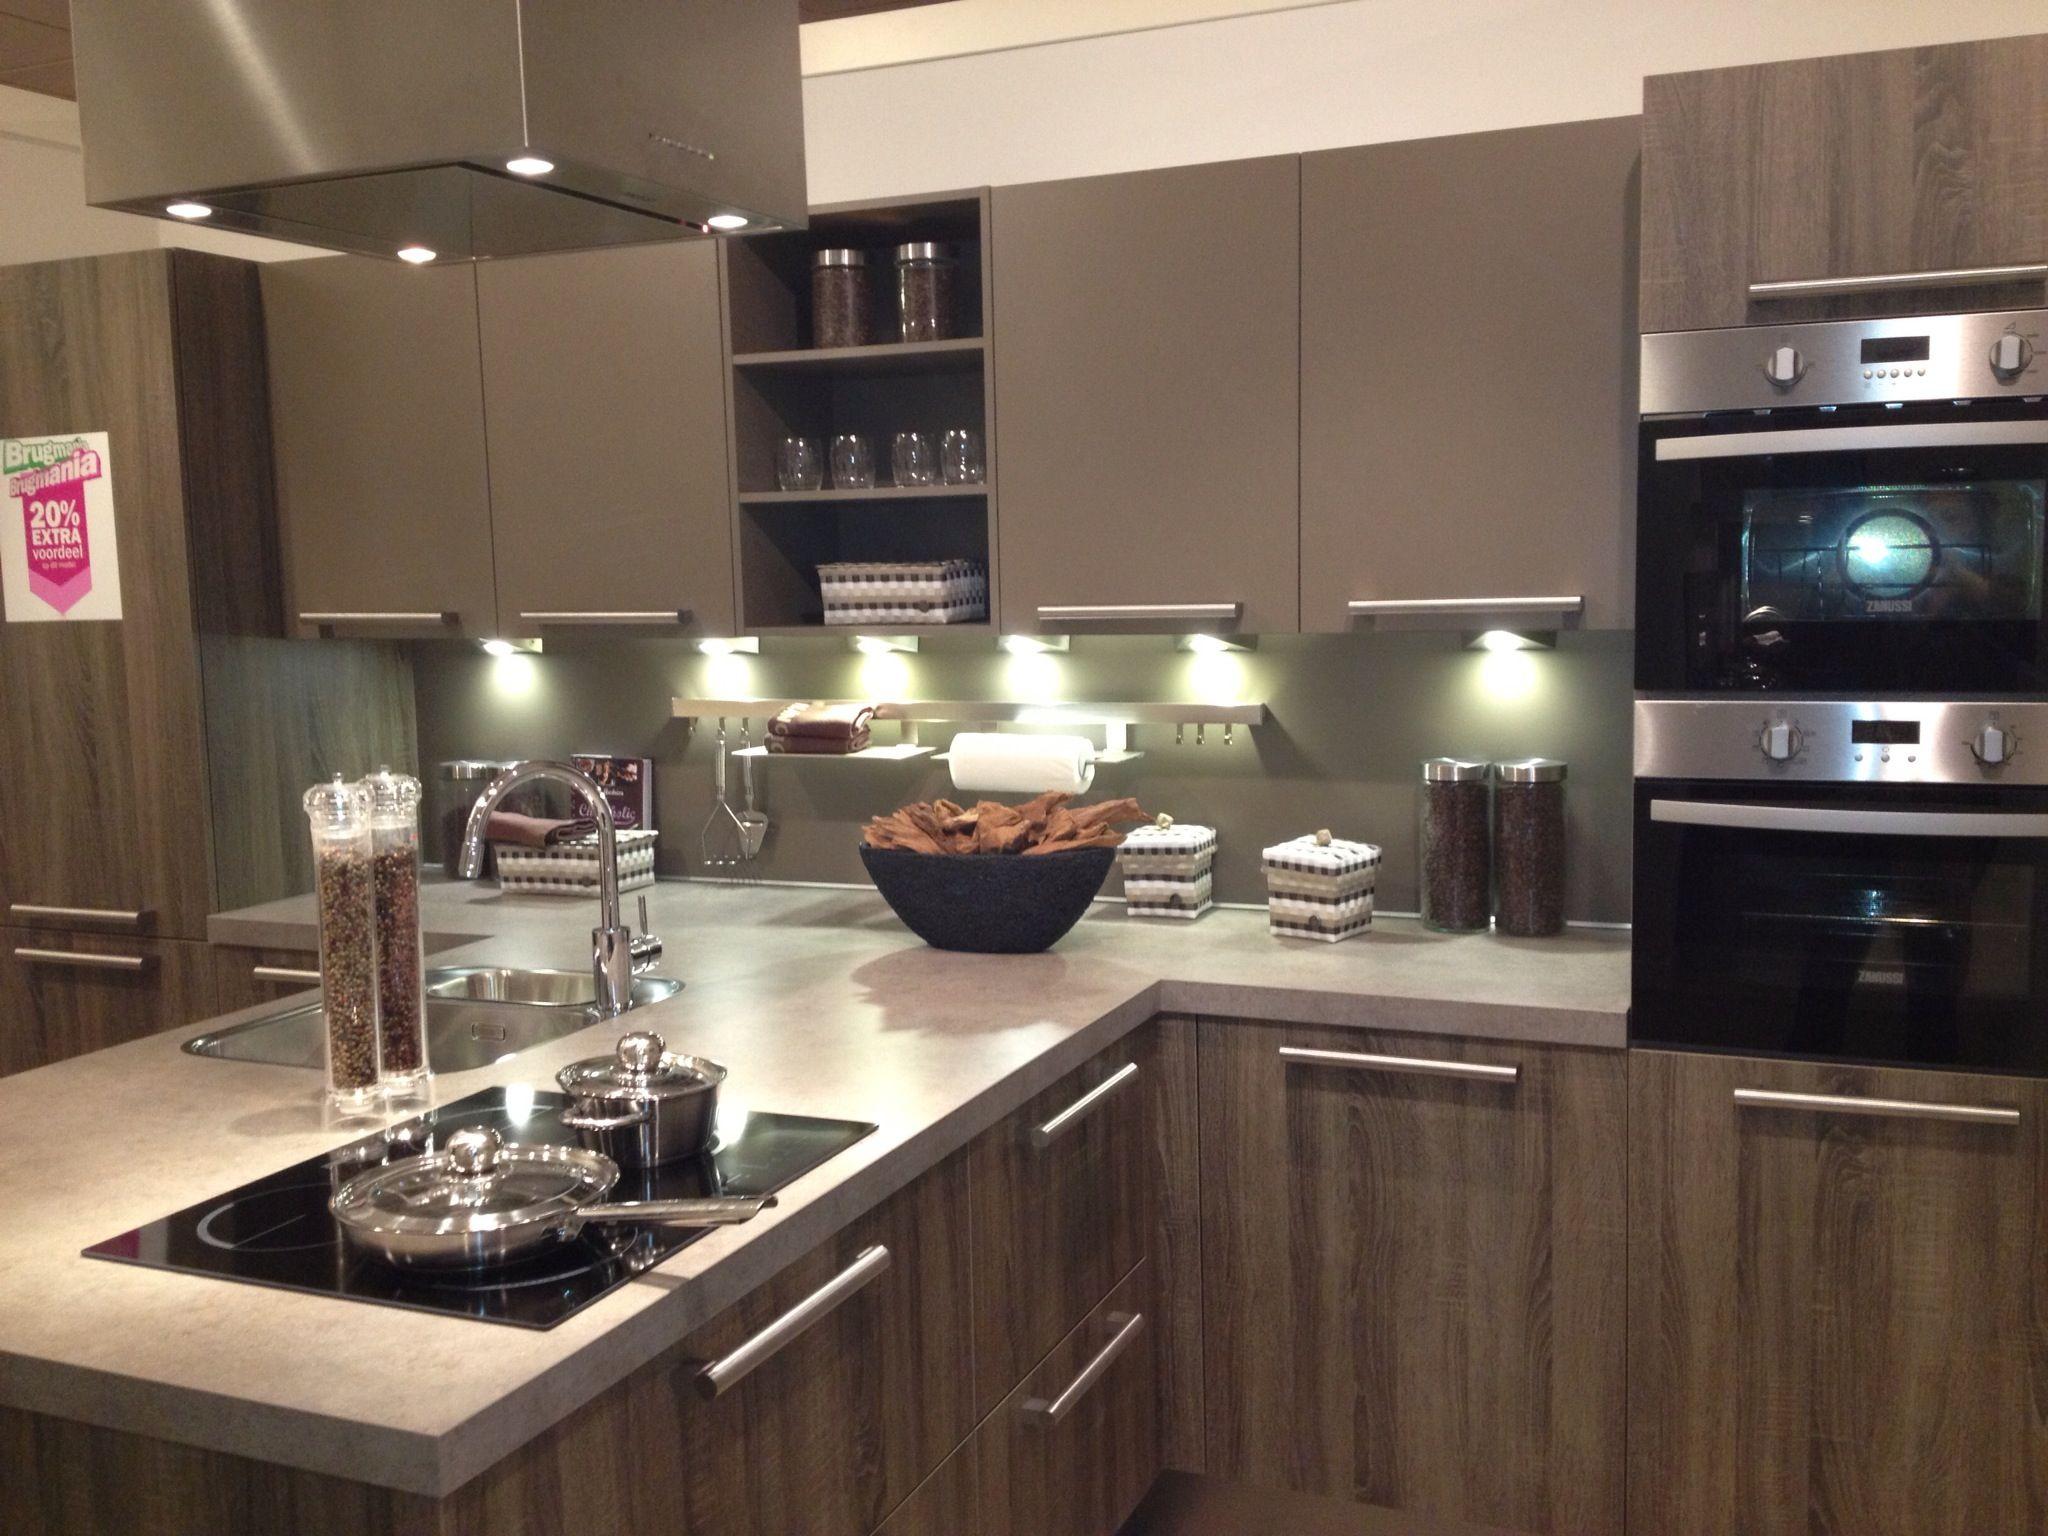 brugman keukens fabulous latest brugman keukens keuken